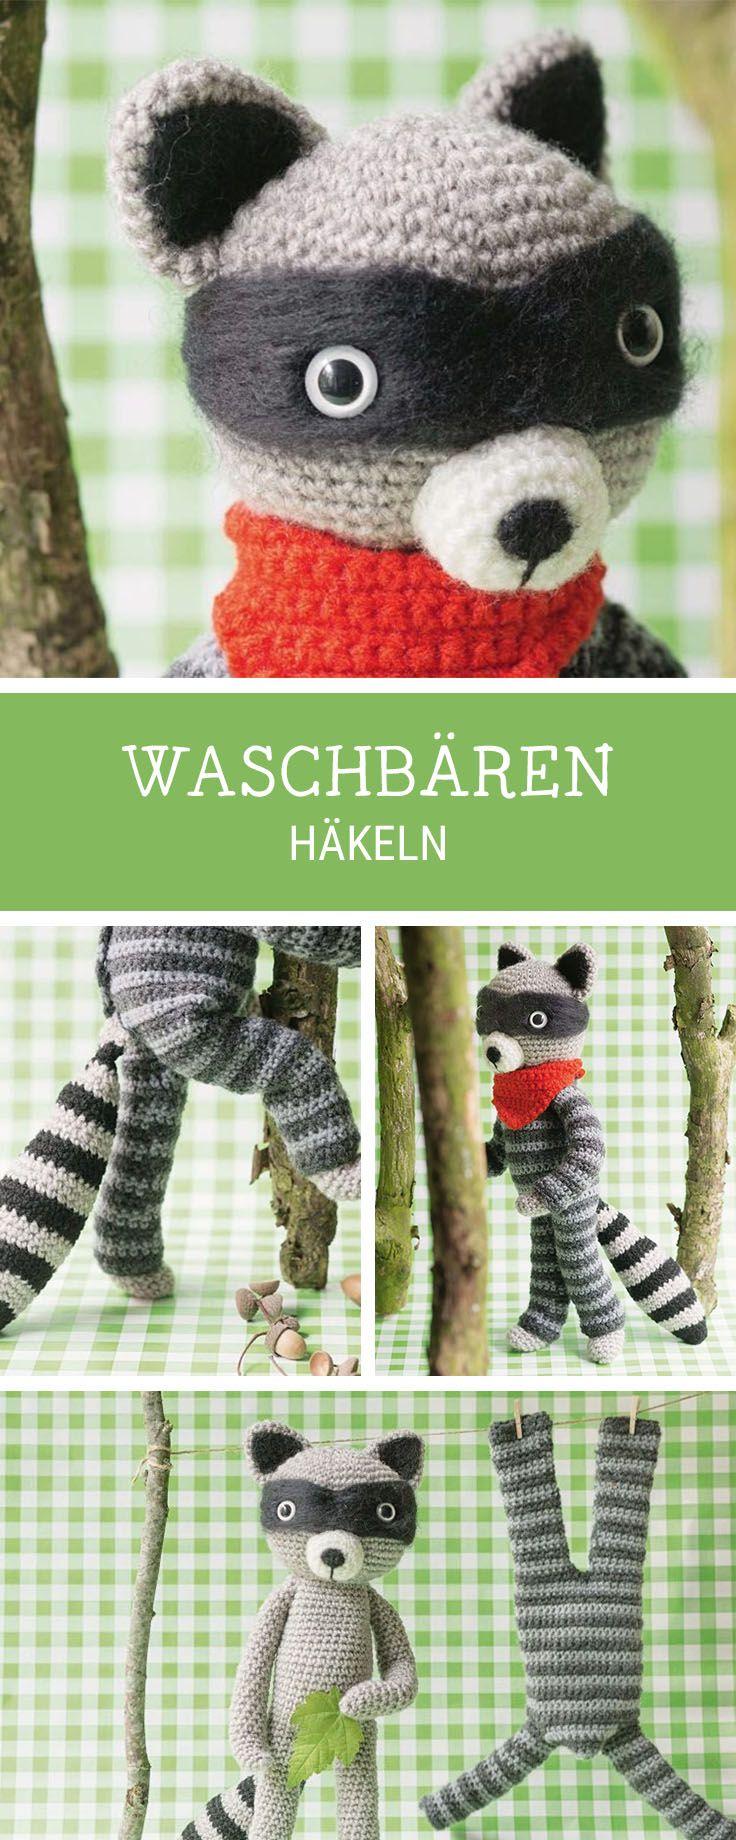 Häkelinspiration Diy Anleitung Für Einen Waschbär Amigurumi Häkeln